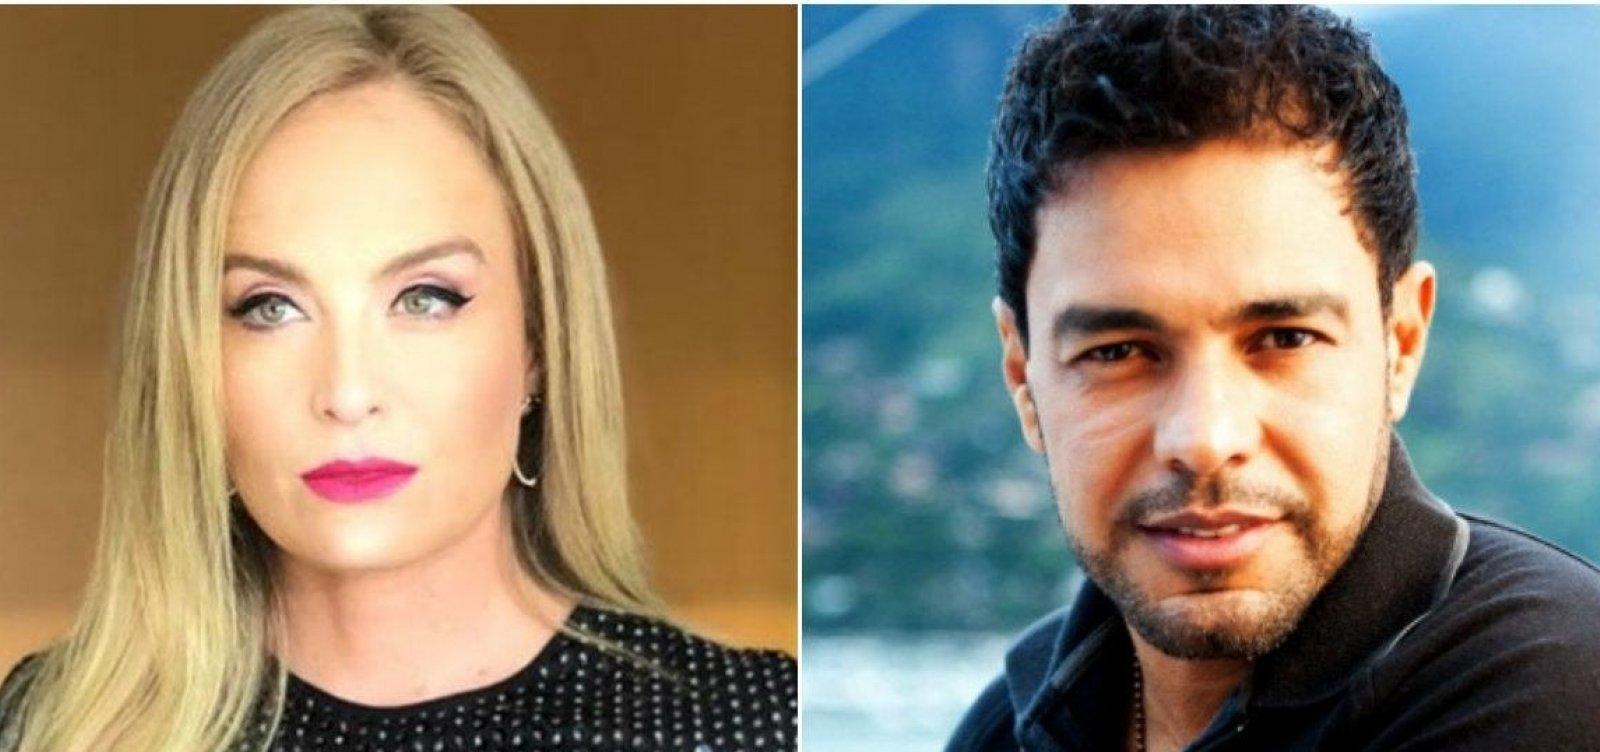 Angélica e Zezé di Camargo desmentem Leão Lobo sobre suposto caso: 'Irresponsável'